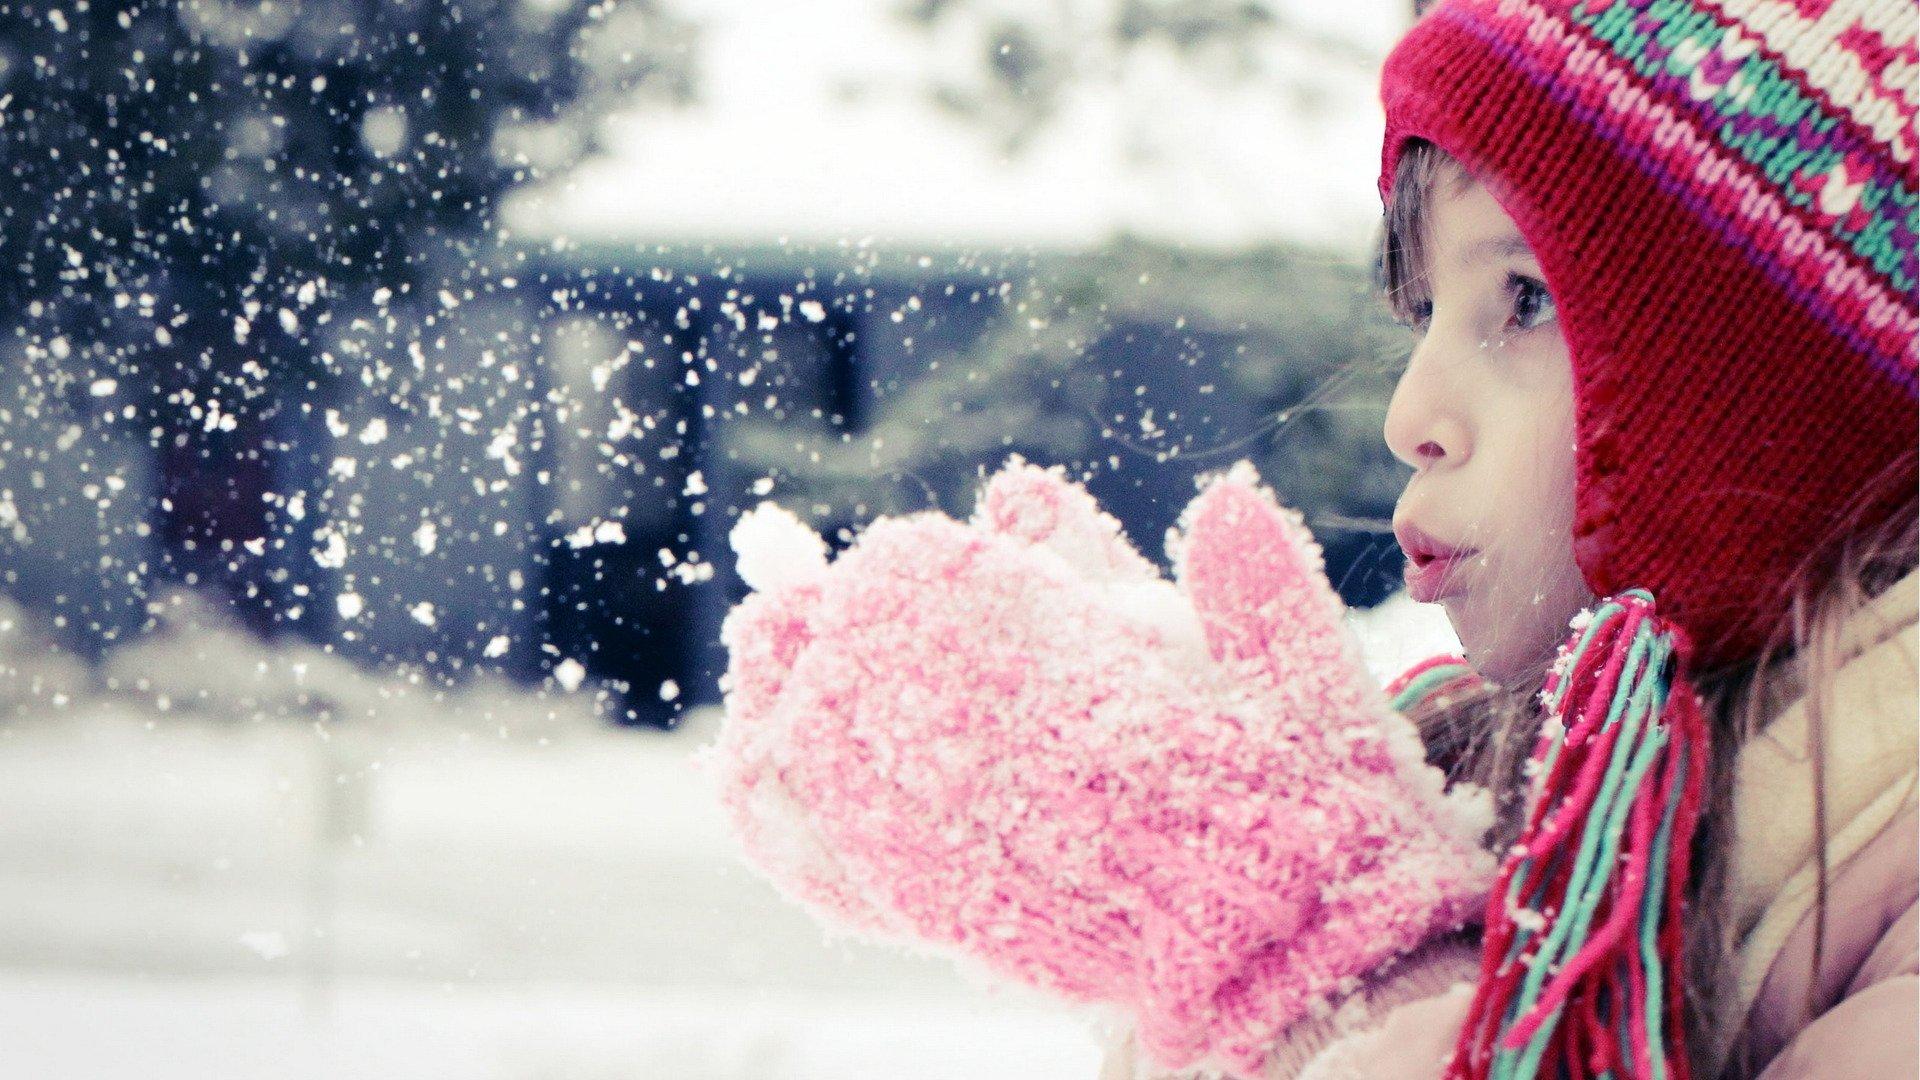 К концу января в Украине ожидаются аномальные морозы — до 25-30 градусов